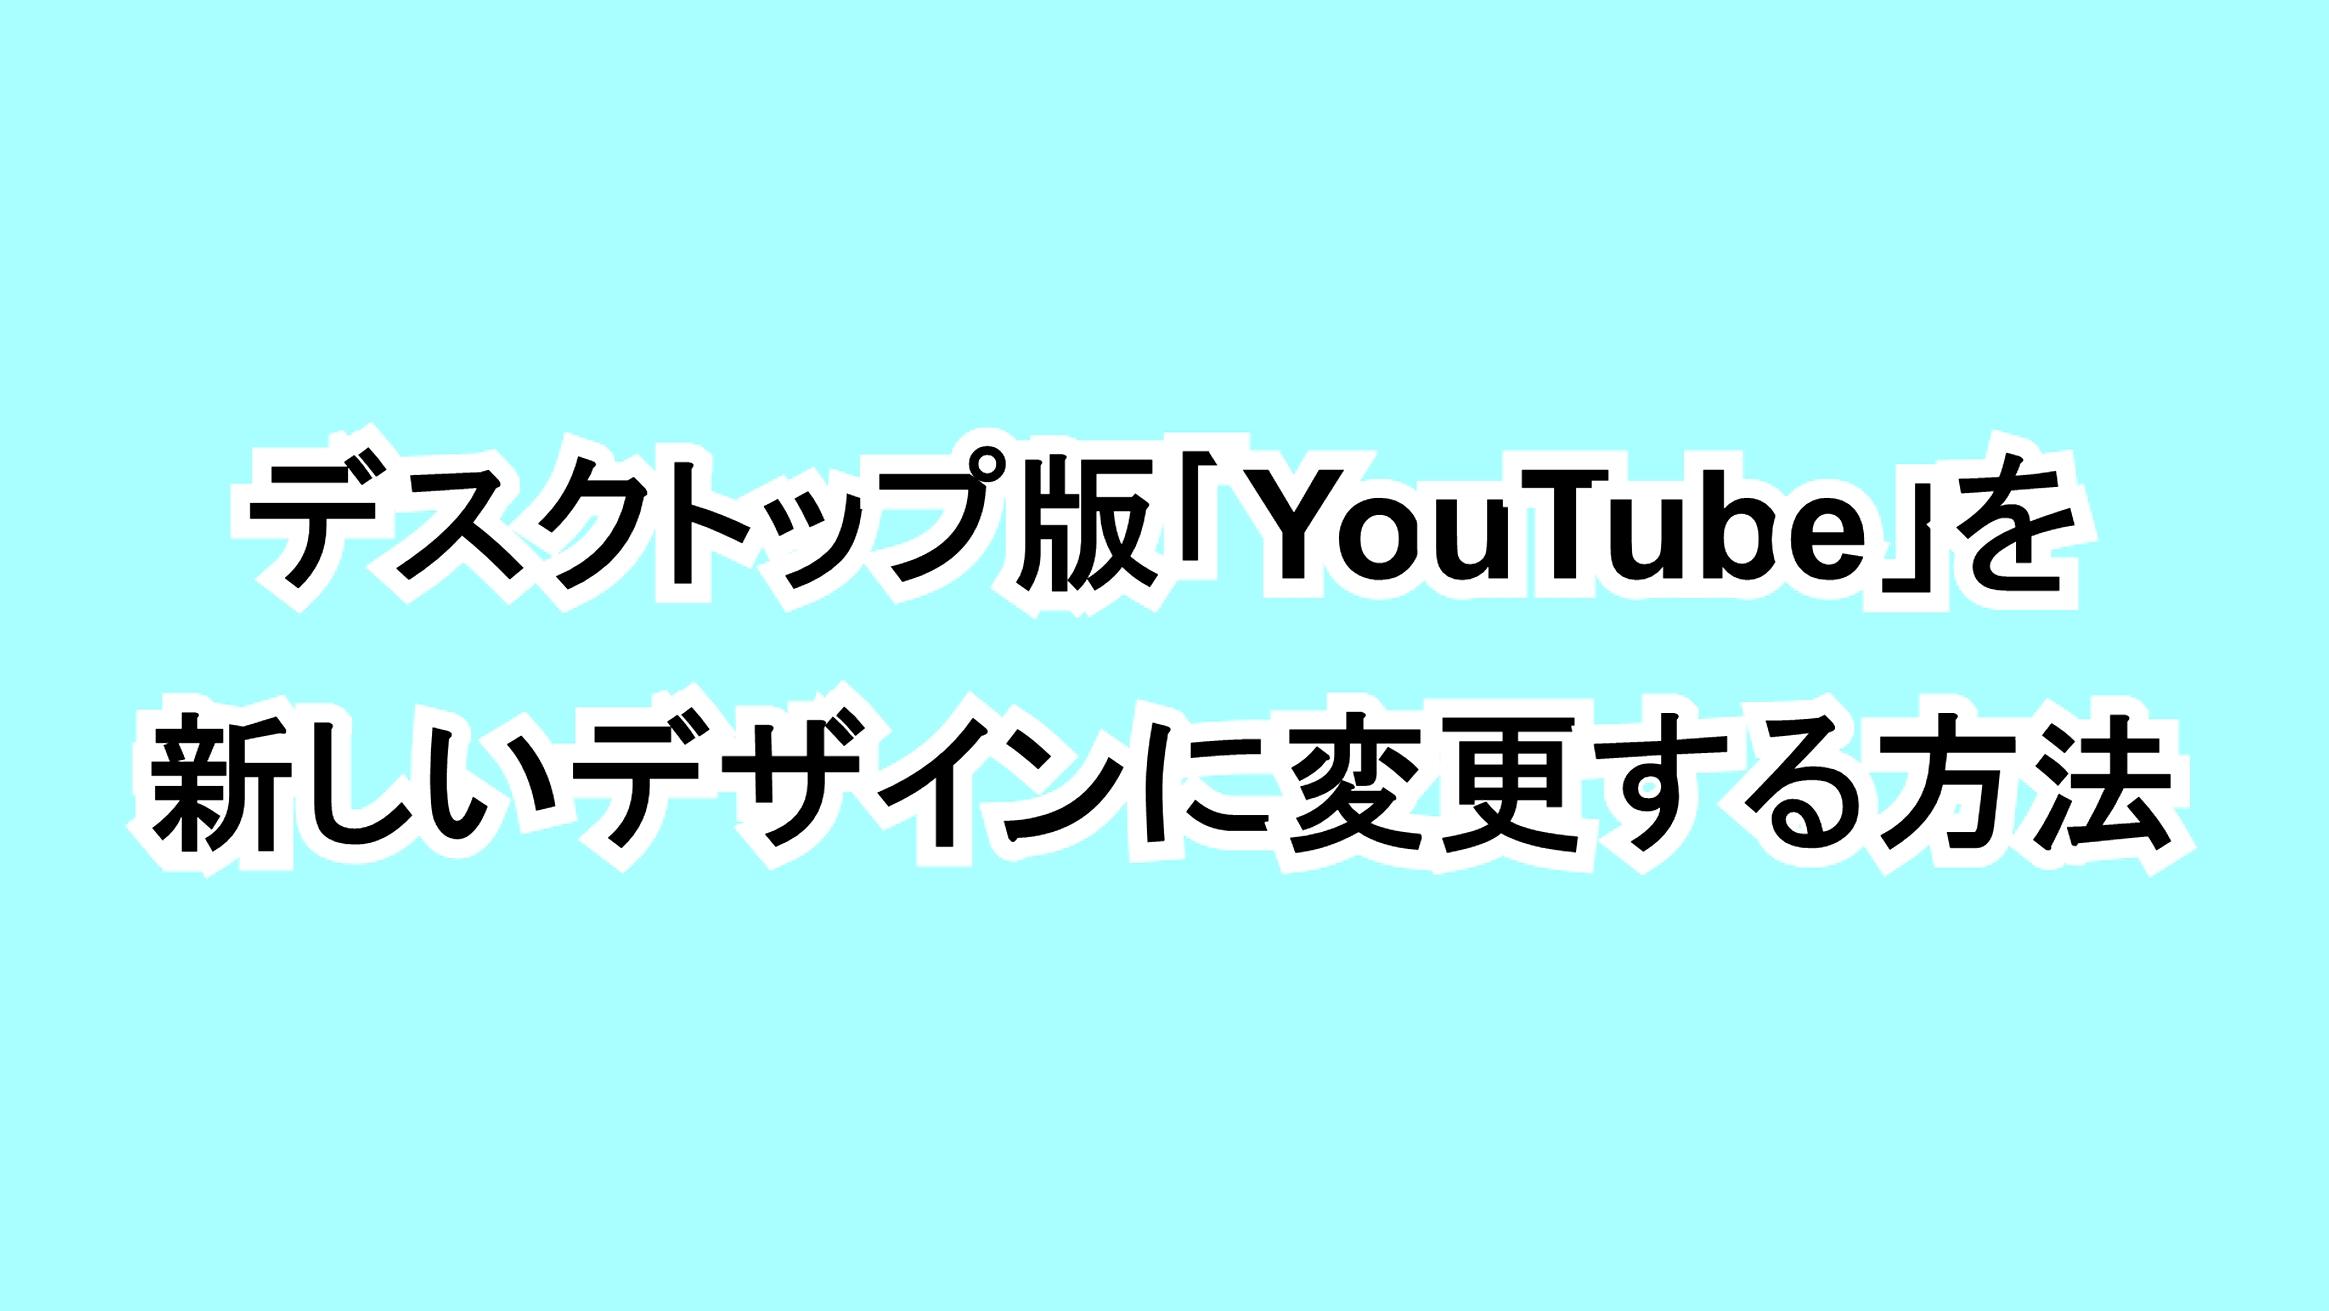 デスクトップ版「YouTube」を新しいデザインに変更する方法